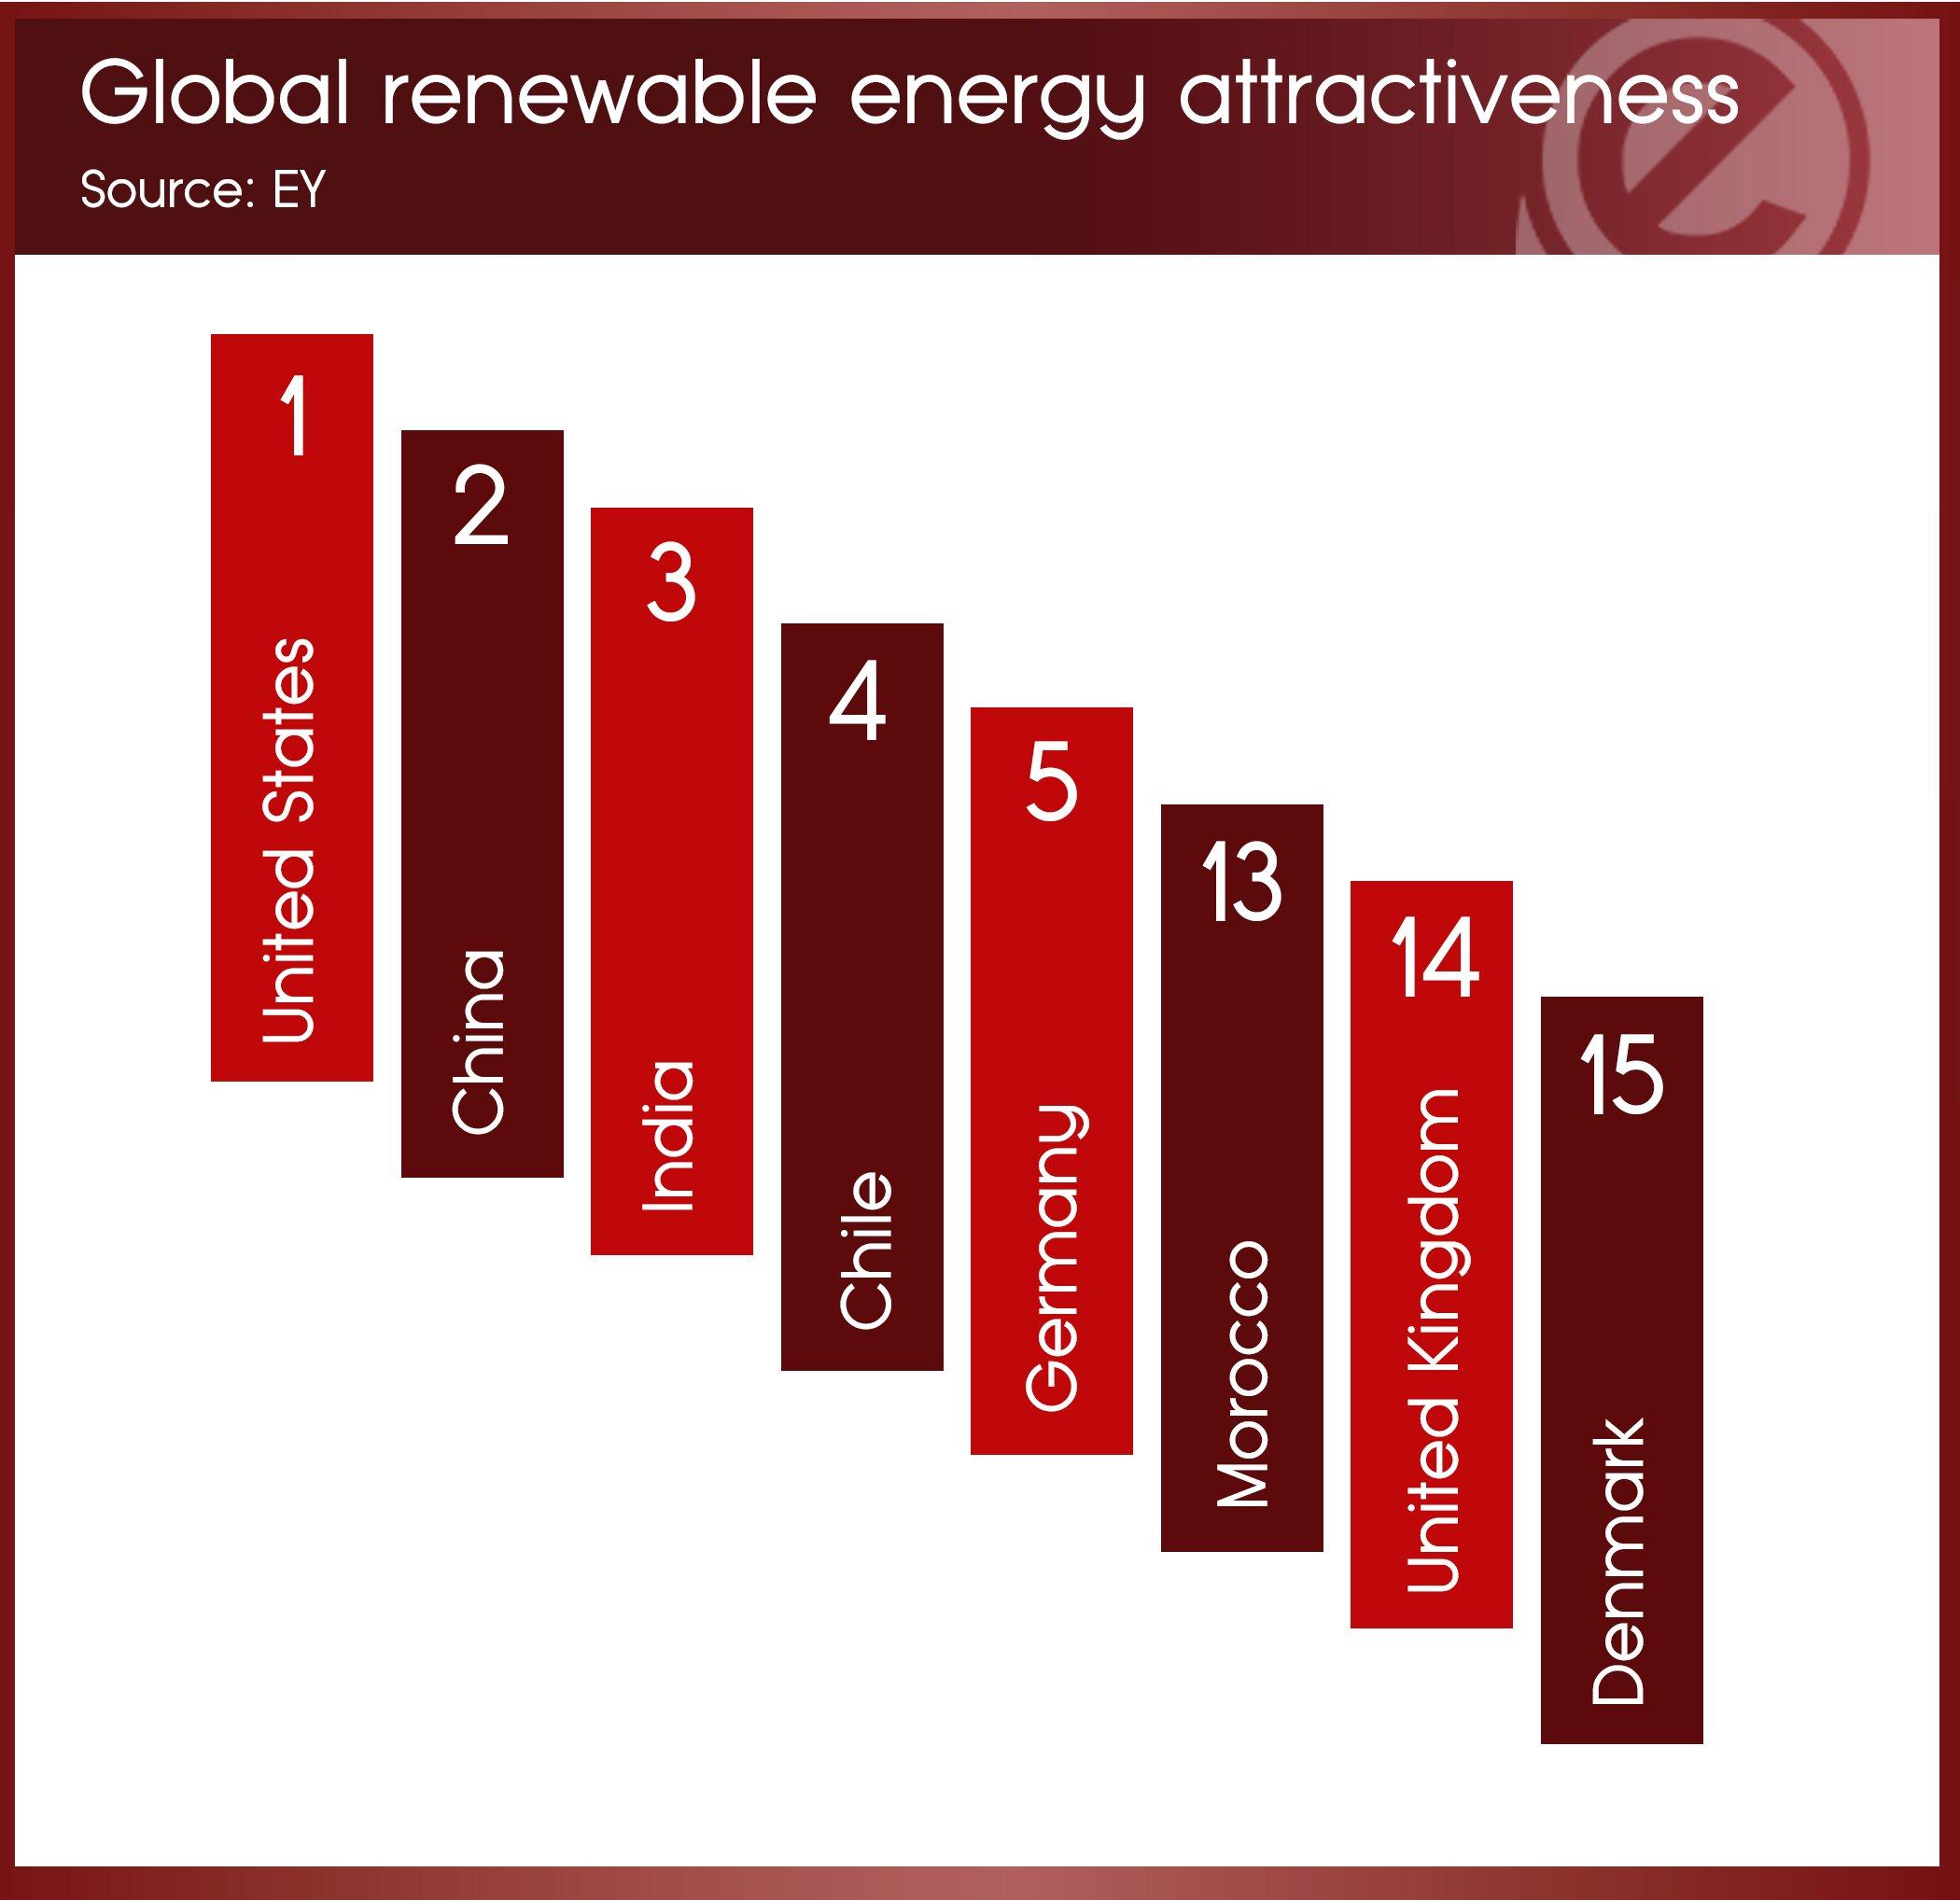 25th-oct-renewable-attractiveness